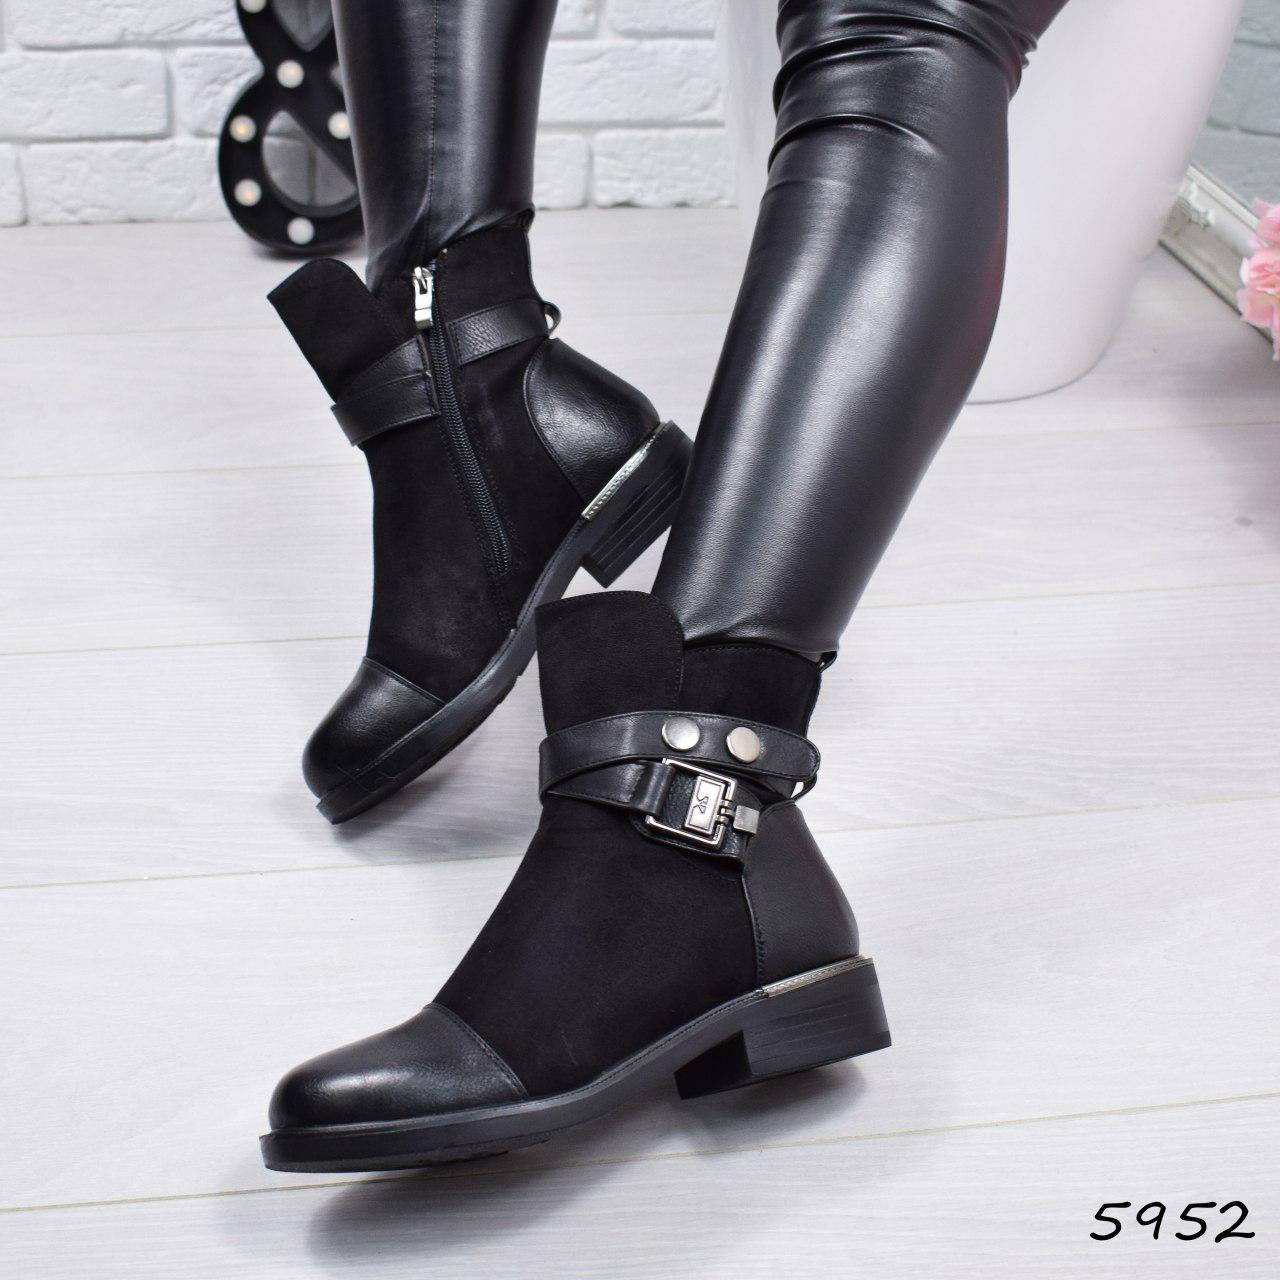 """Ботинки, ботильоны черные ЗИМА """"Jerome"""" эко замша + эко кожа, повседневная, зимняя, теплая, женская обувь"""